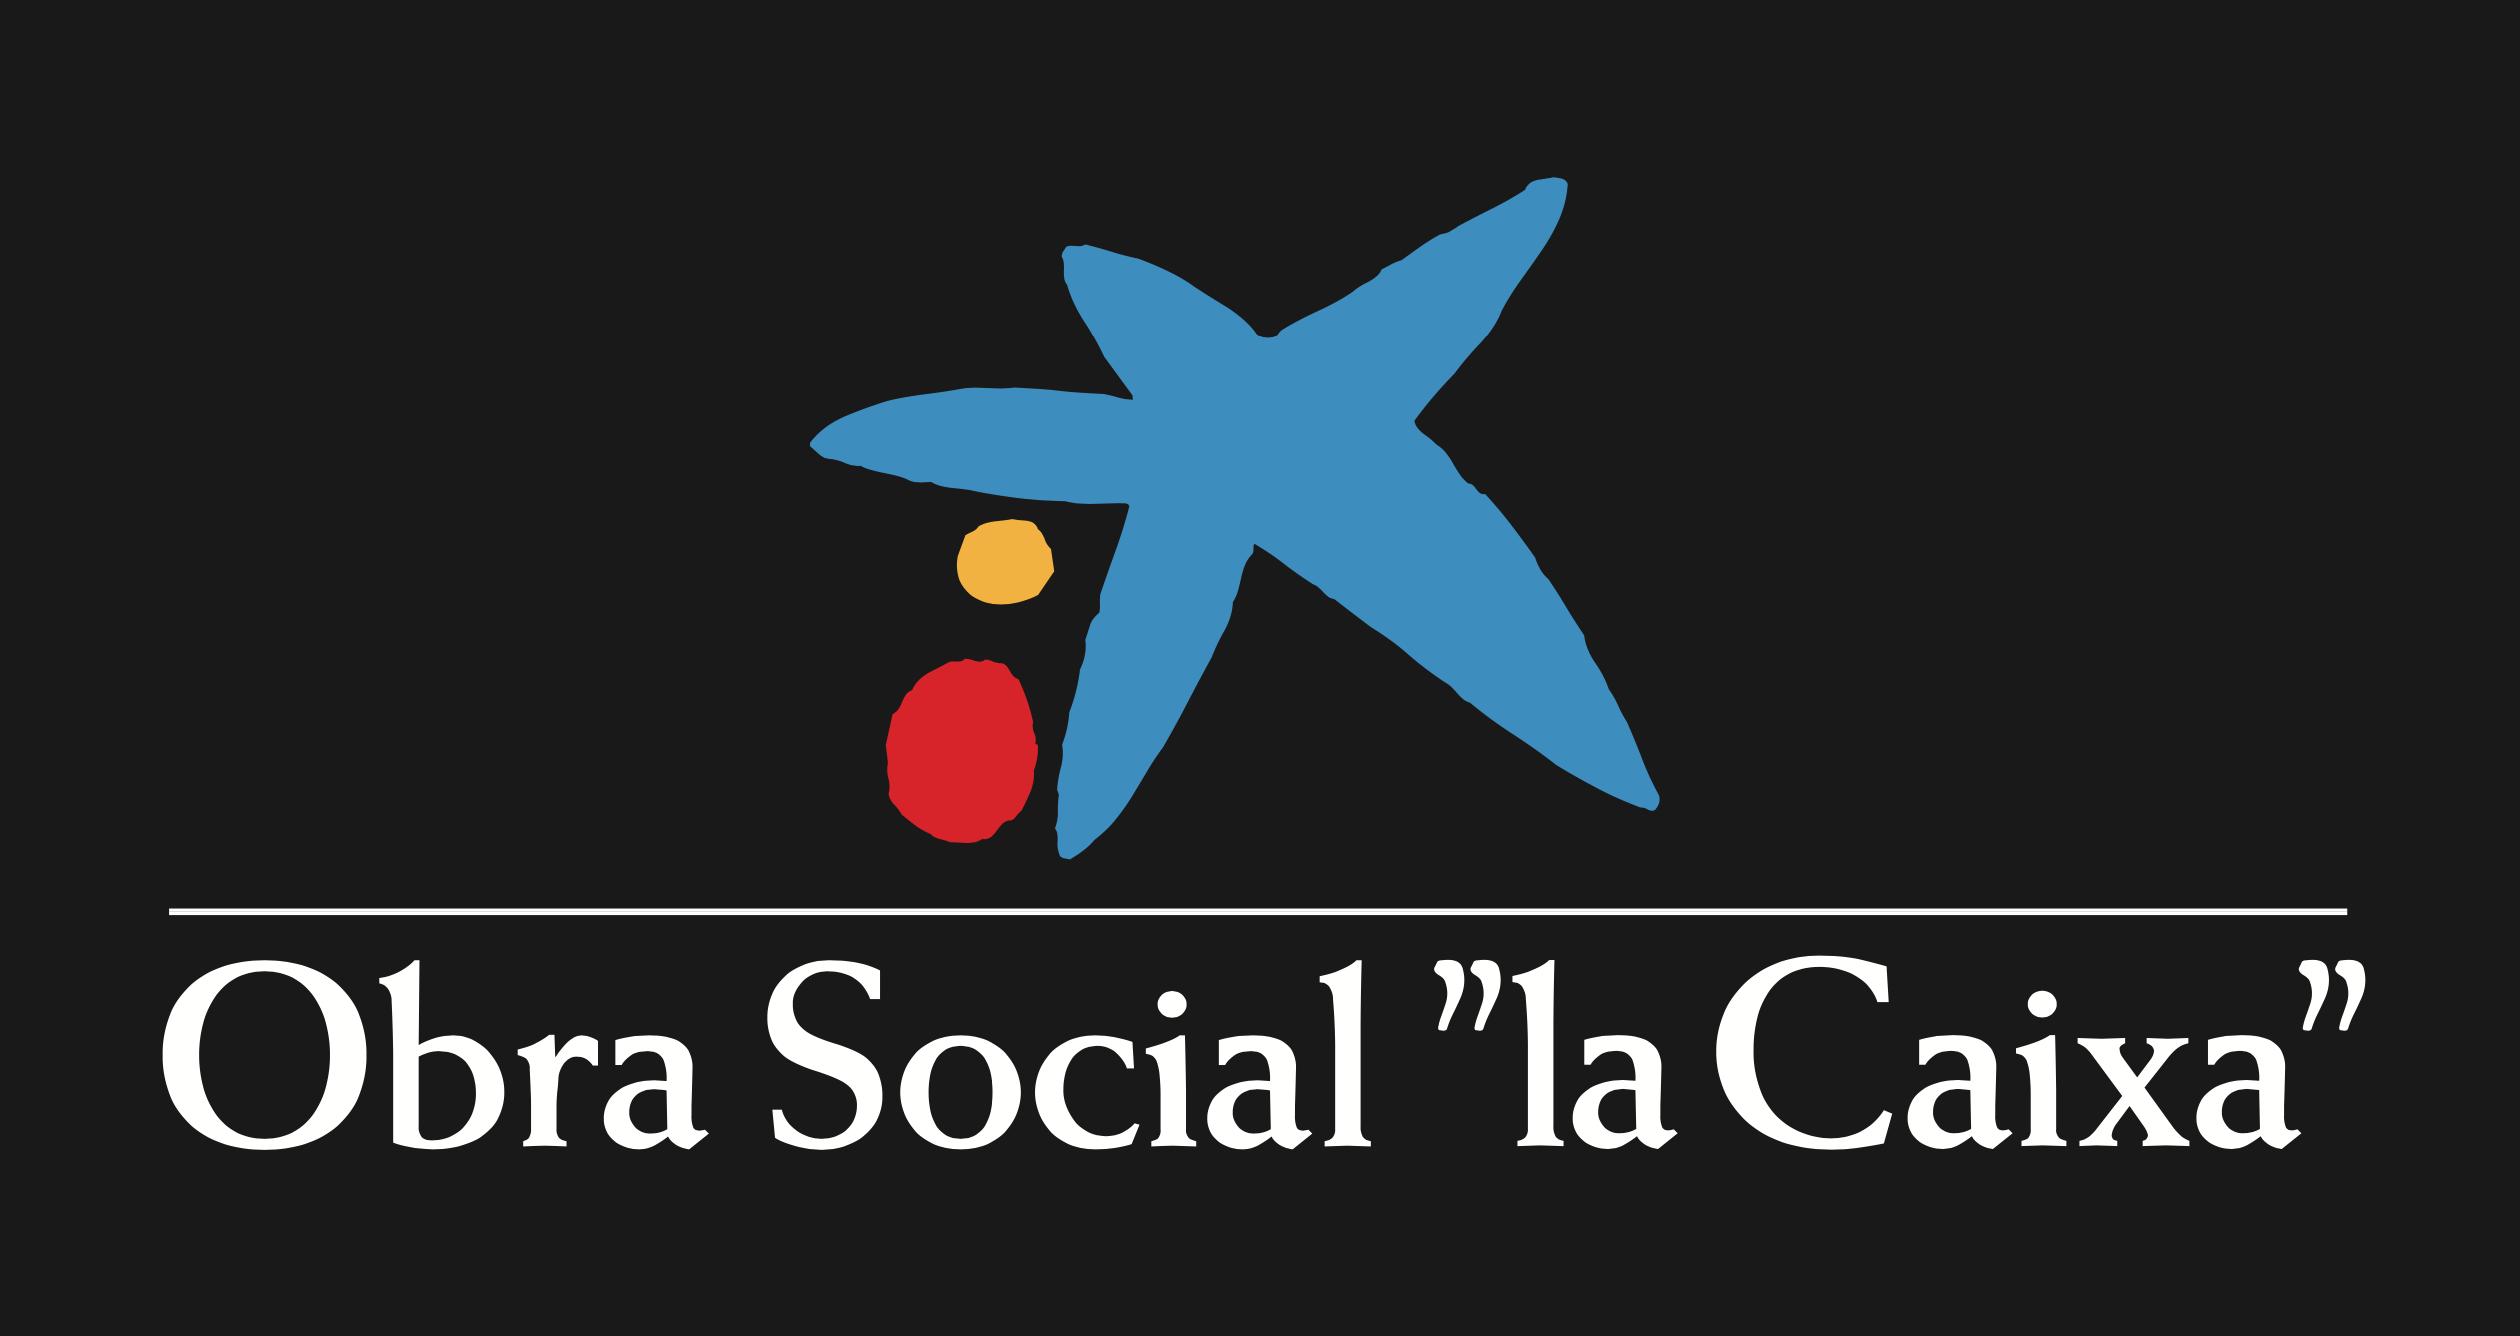 obra social logo.png